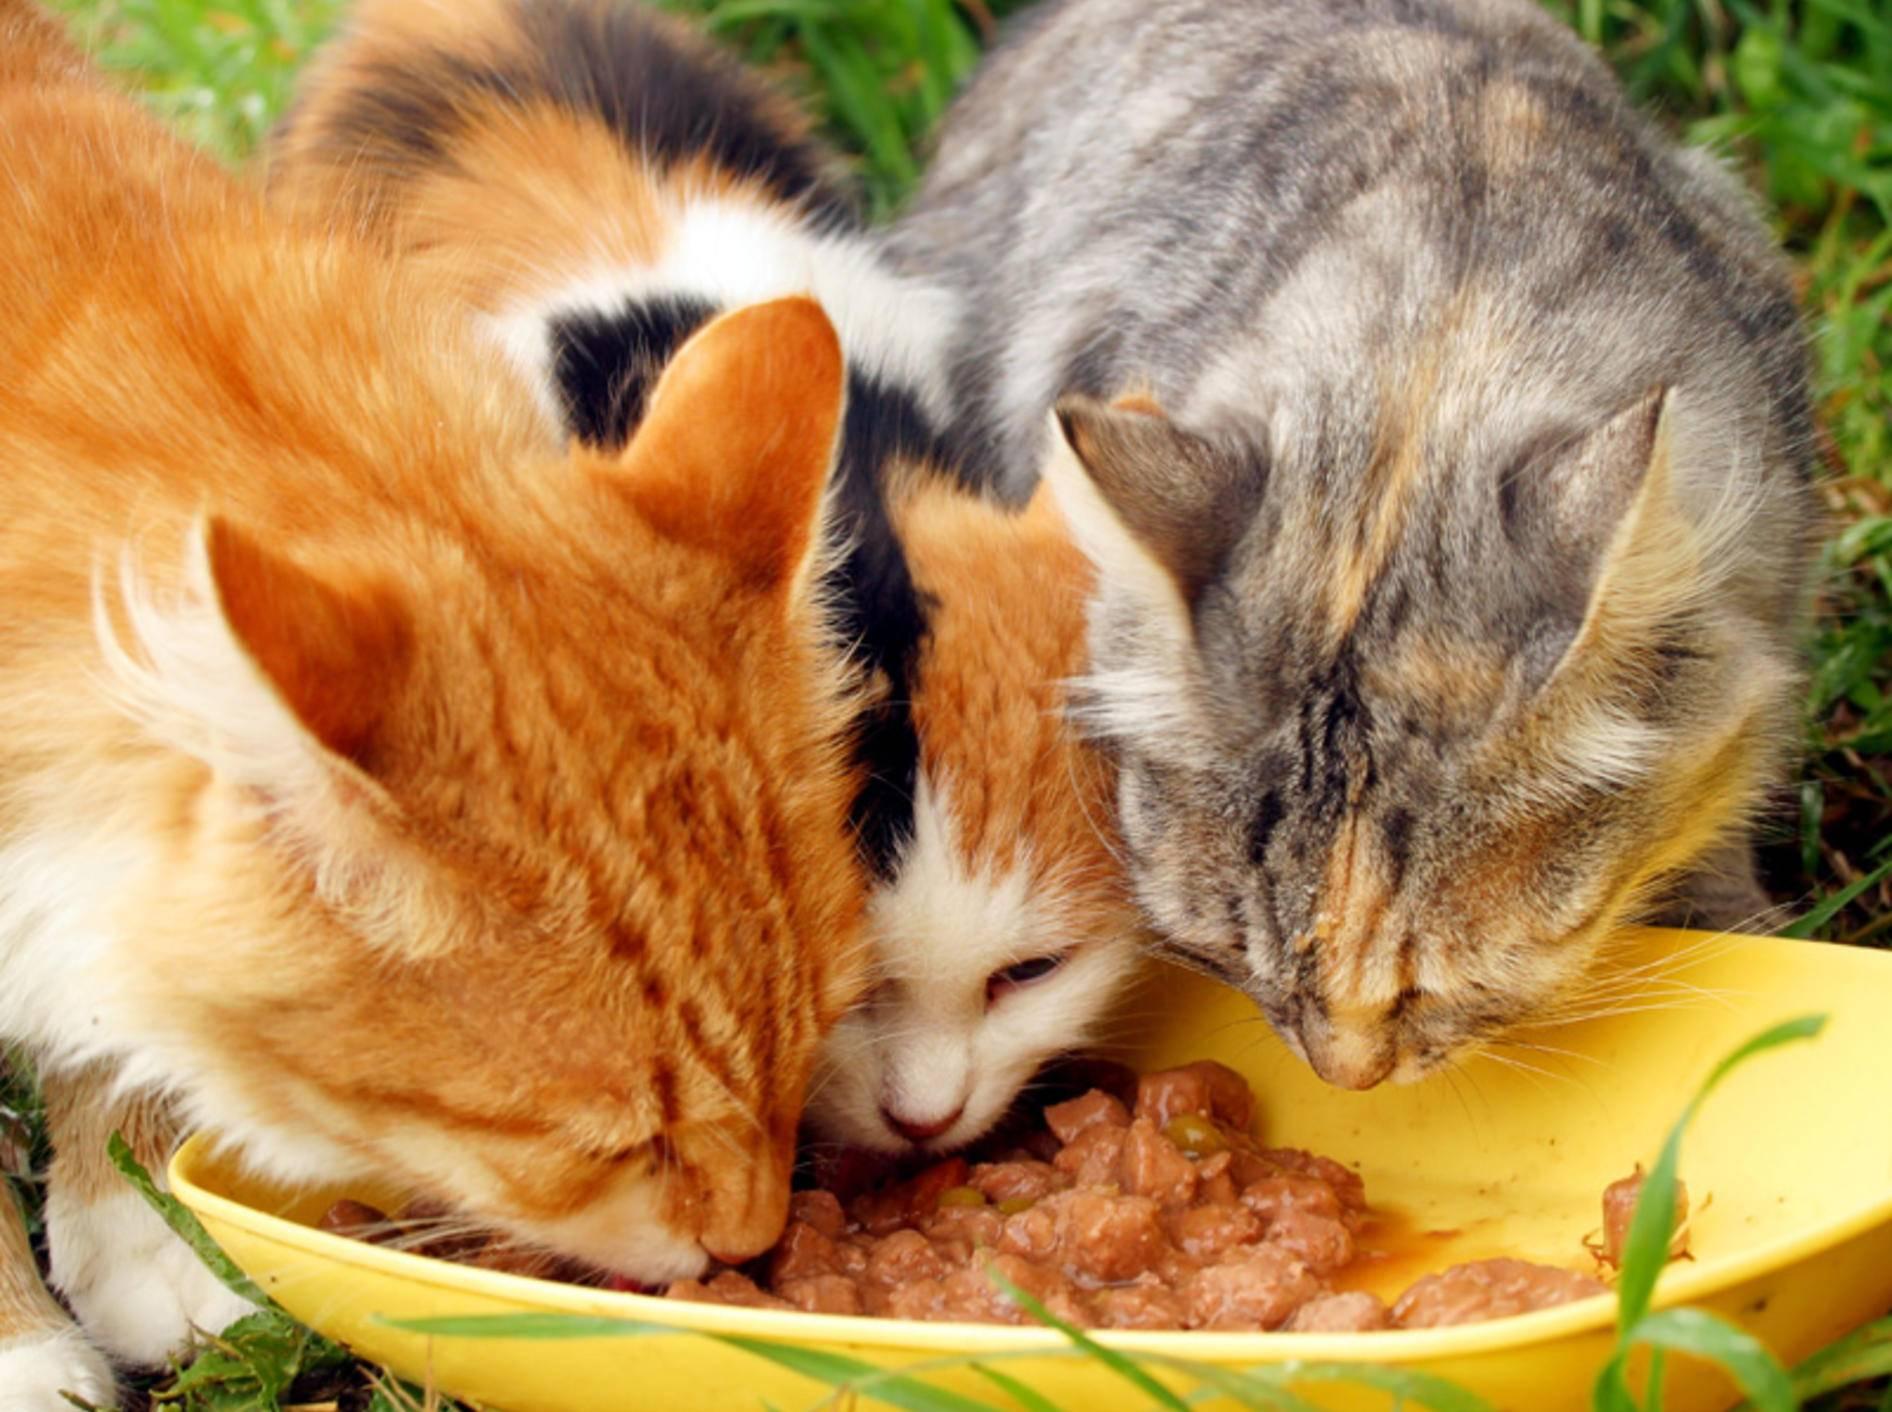 Fischrezepte eignen sich prima zum Selbermachen von Katzenfutter – Bild: Shutterstock / saiko3p